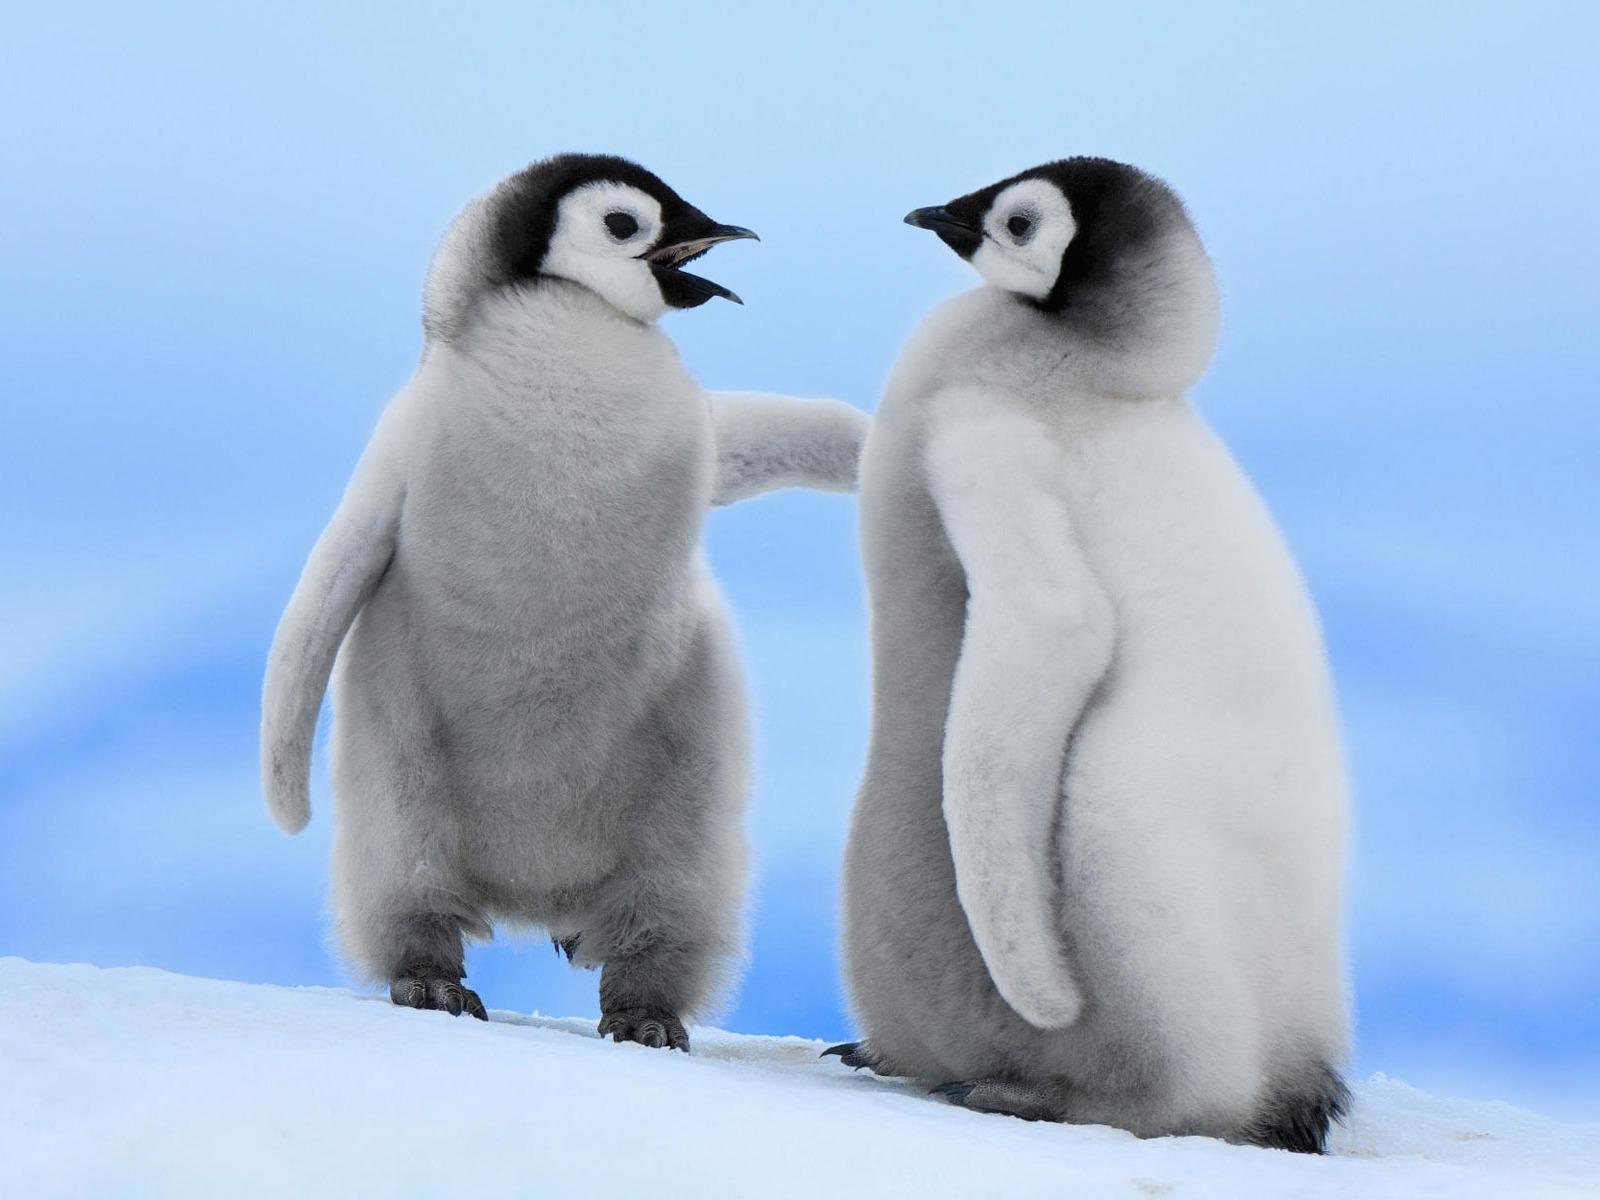 http://1.bp.blogspot.com/-tBSJ9nBZ57g/TsGlbY-xzDI/AAAAAAAAFwQ/STJoJdL2uug/s1600/penguin_wallpaper_01_1600x1200.jpg